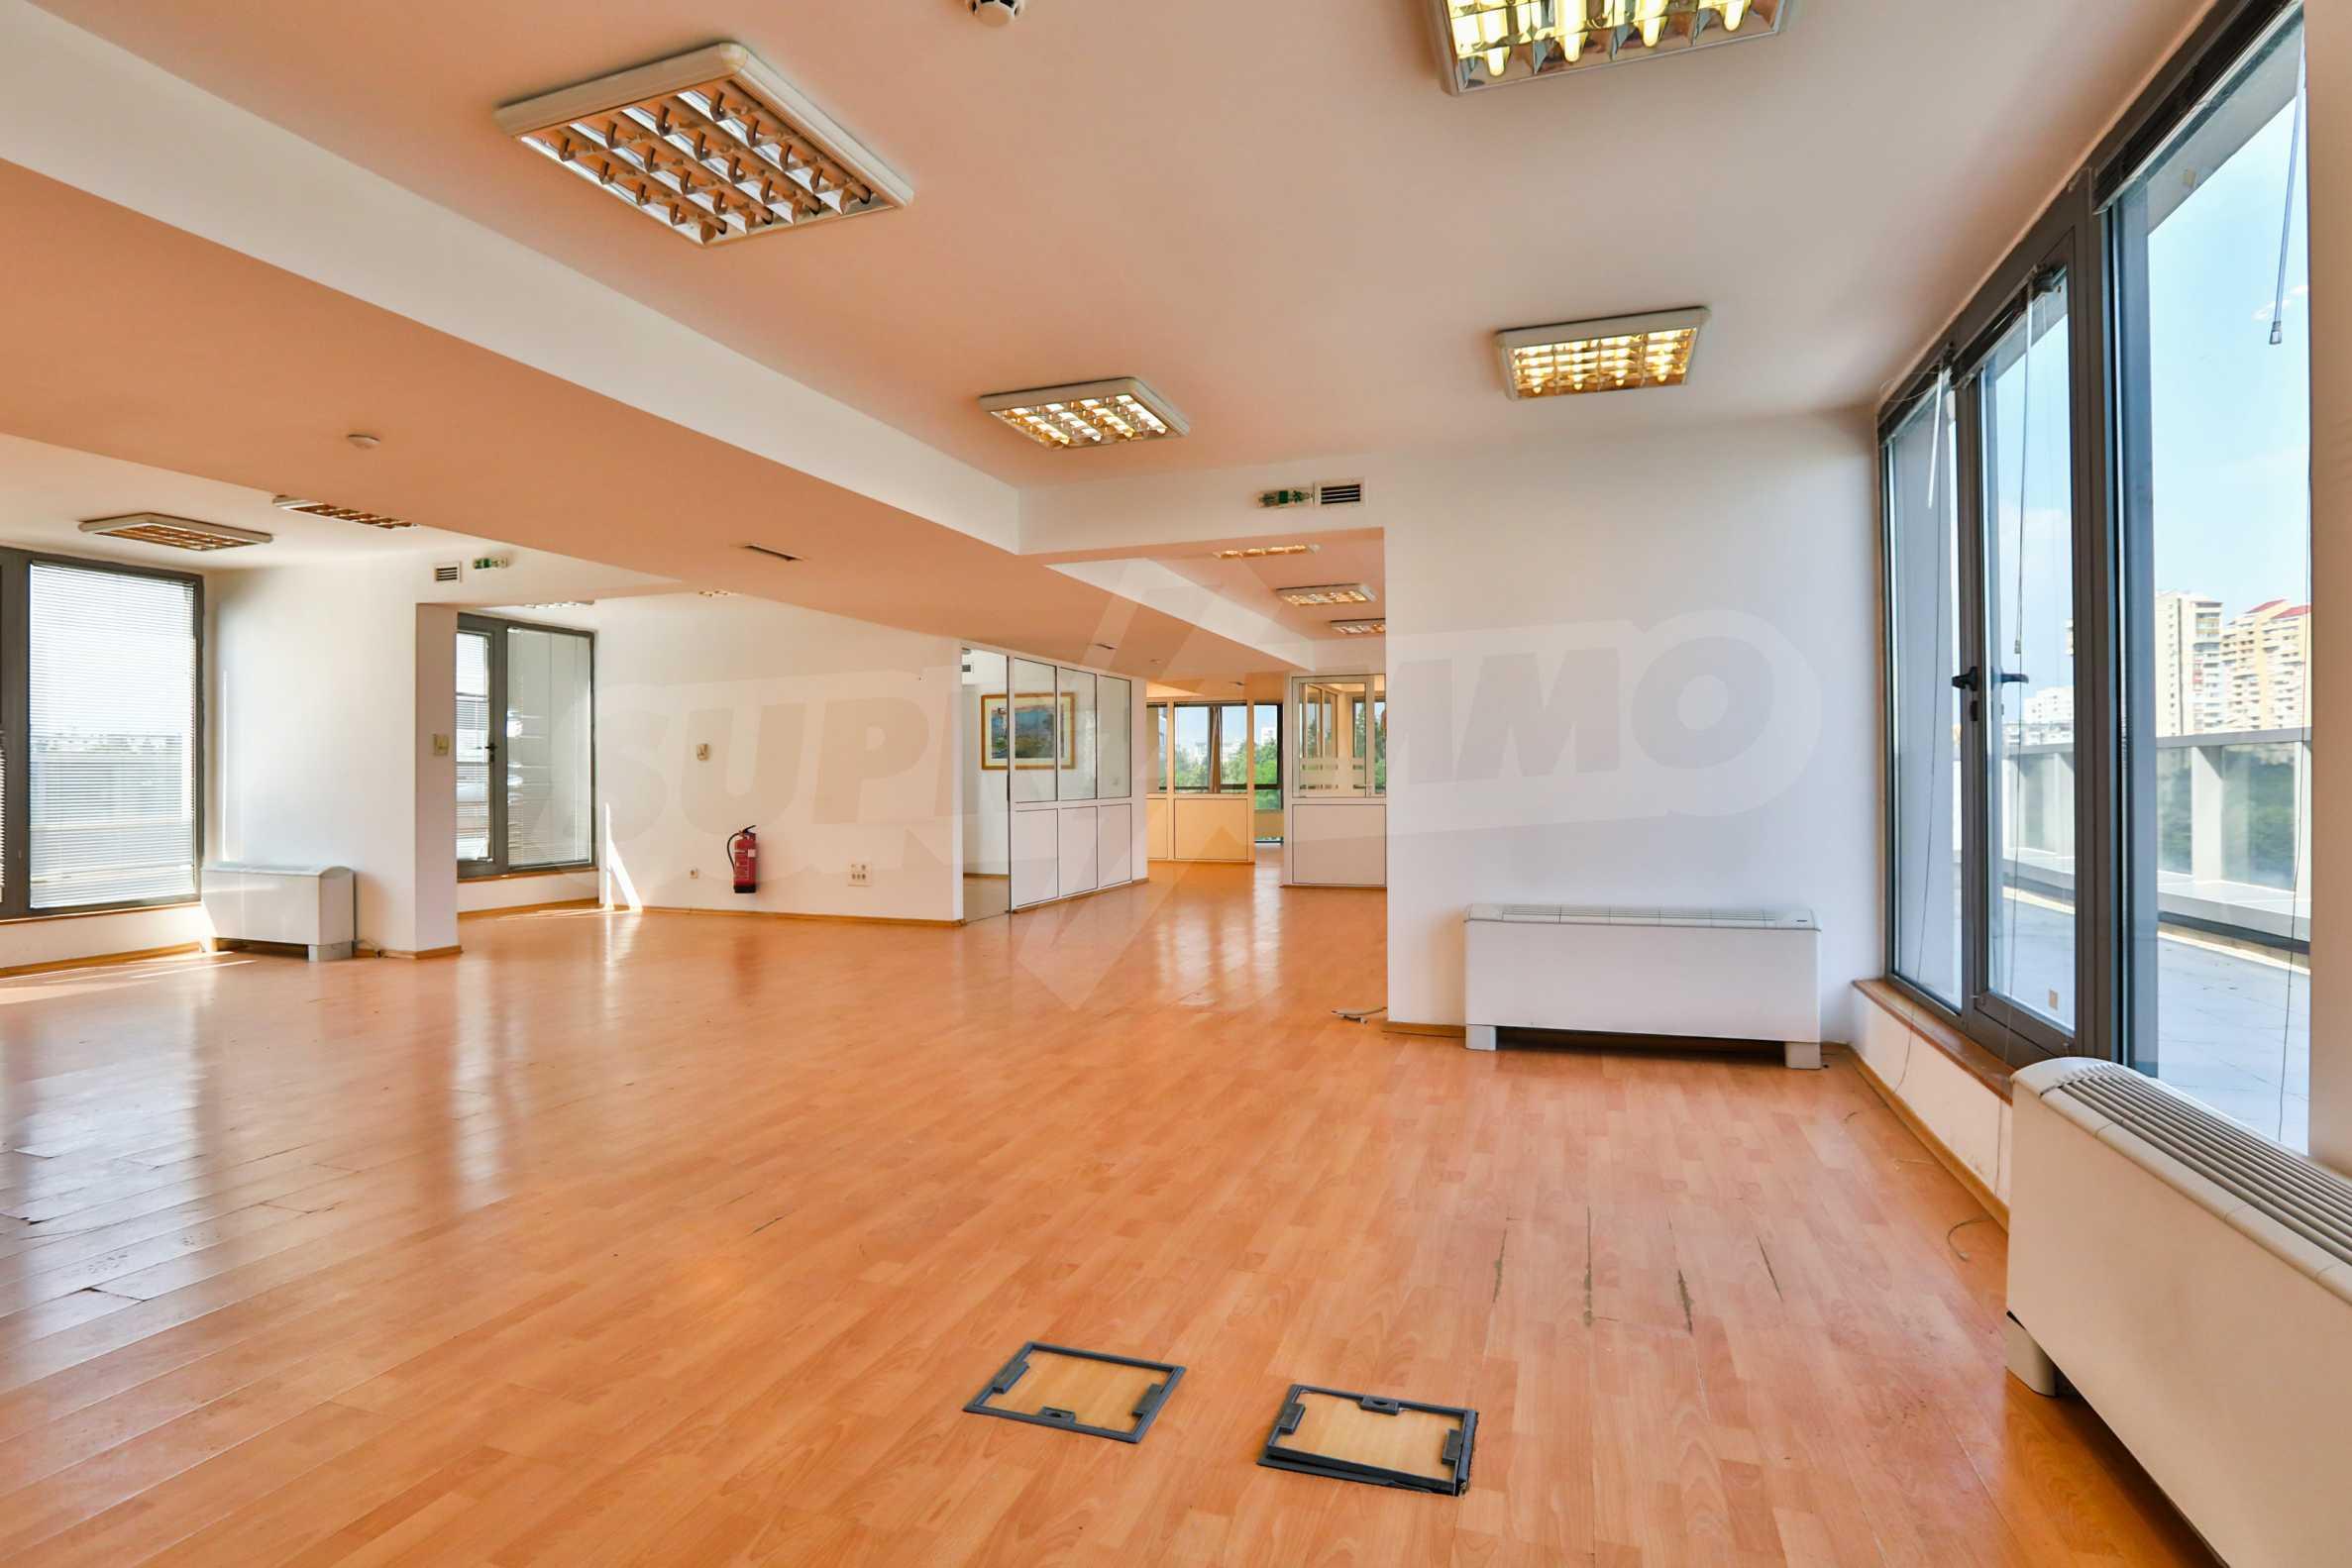 Площи тип open space в офис зоната на бул. Цариградско шосе 7